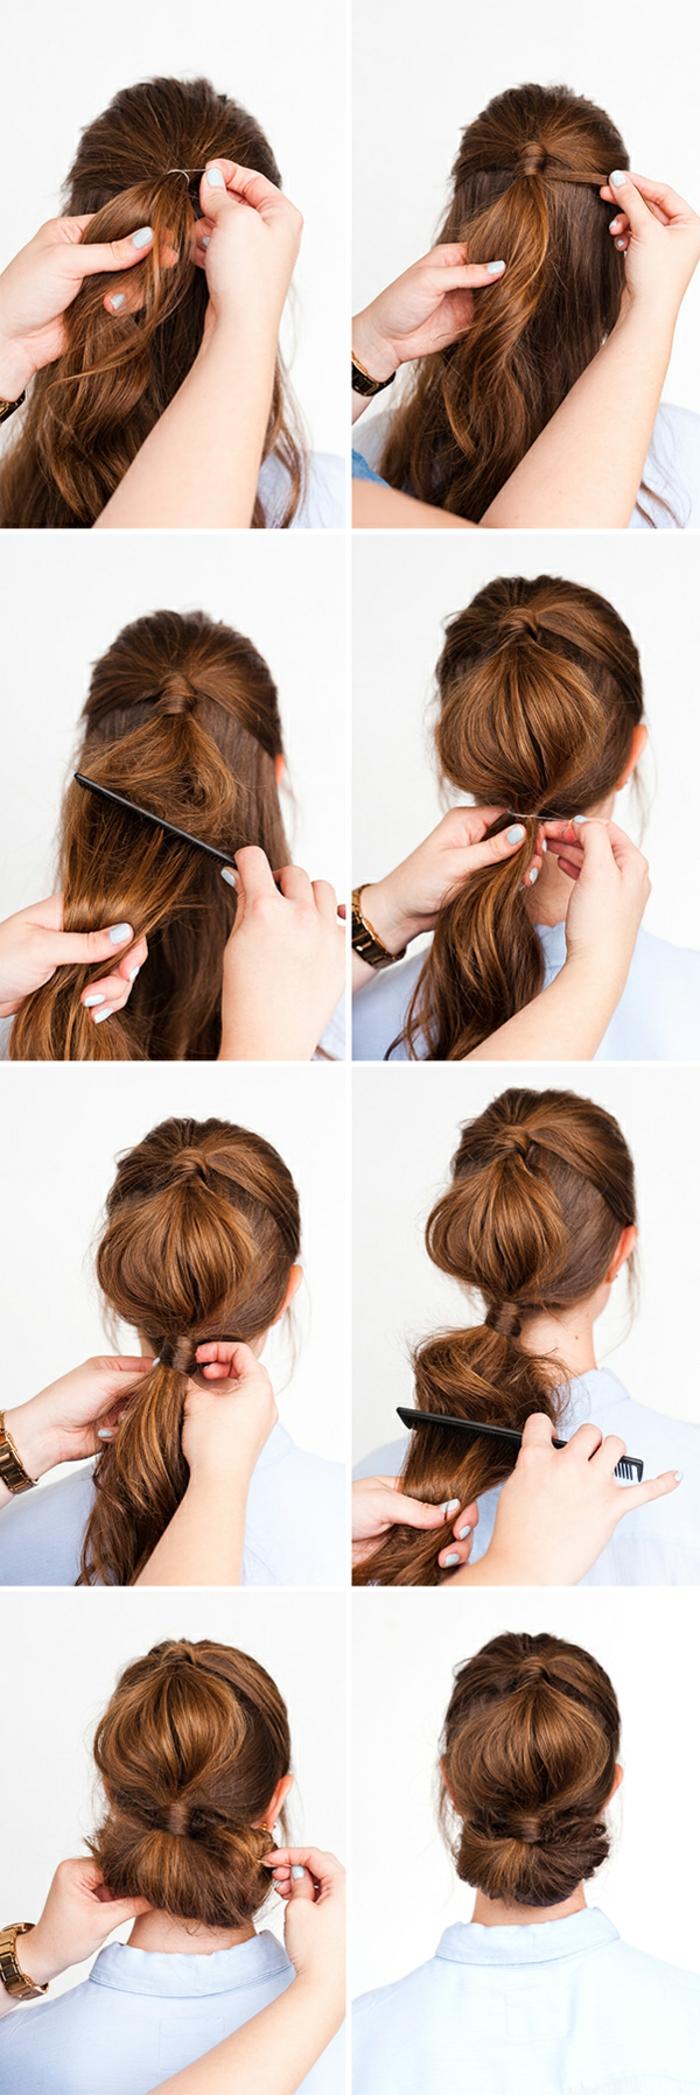 ▷ 11 + Festliche Frisuren zum Inspirieren und Nachstylen